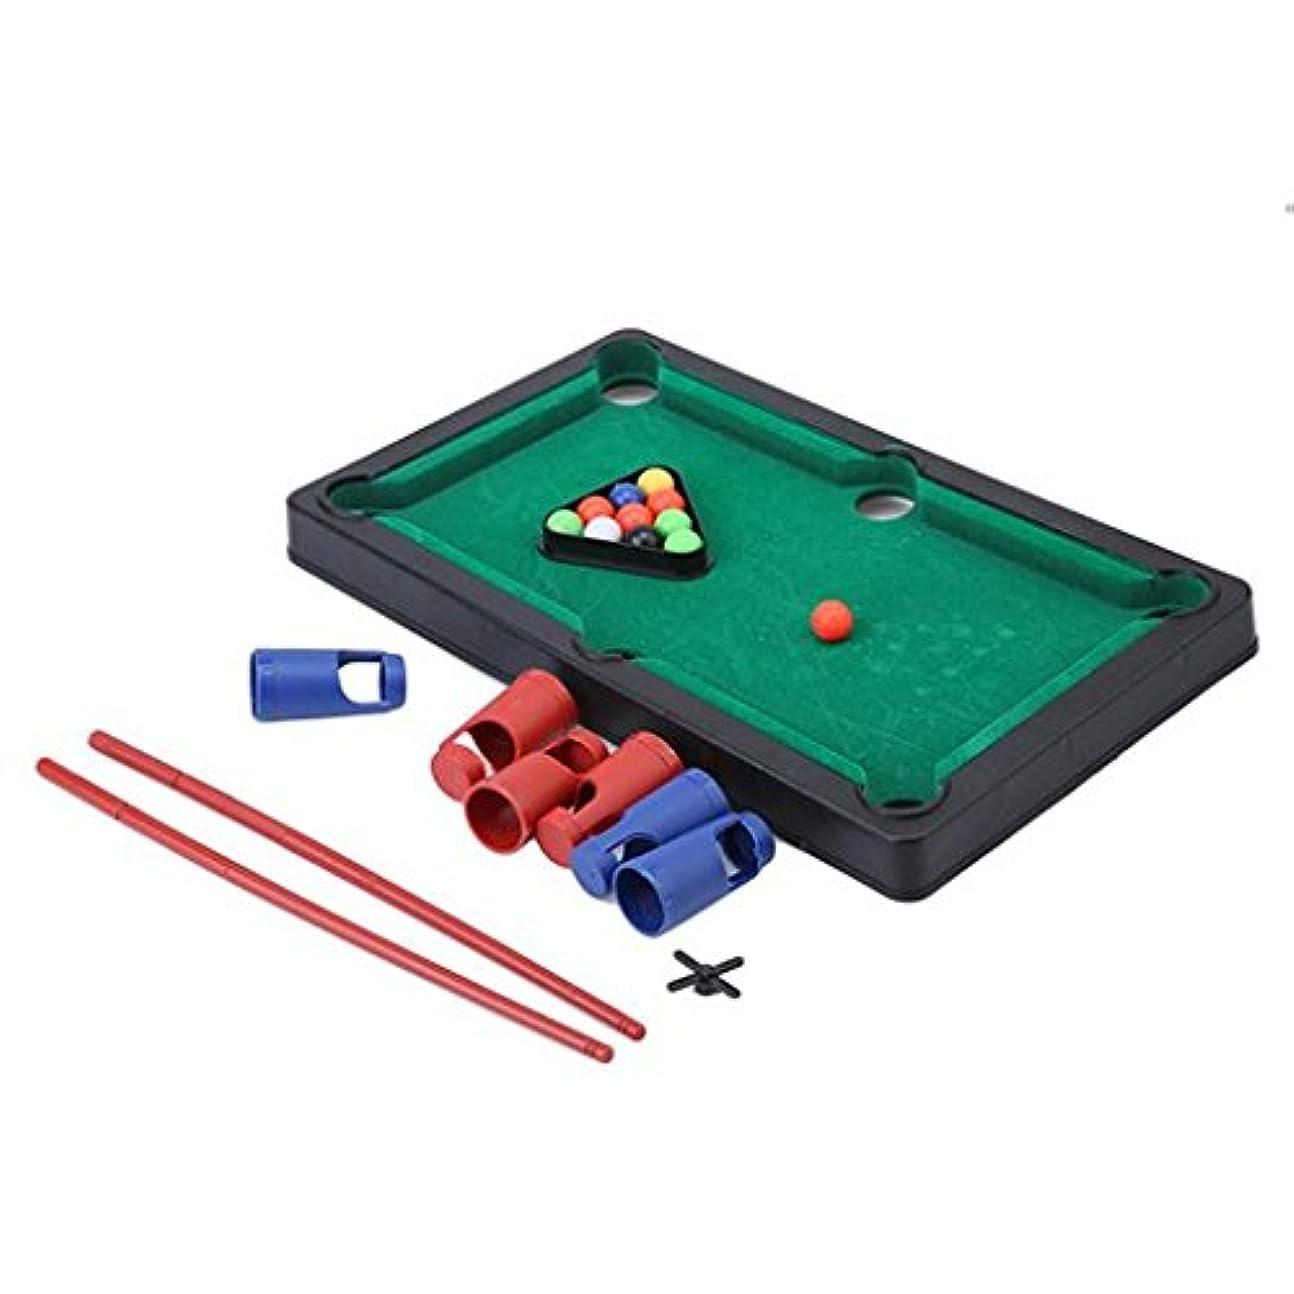 に向かってくぼみ適性GUAngqi Mini Pool Table Game Table Top With Accessories Board Games Billiards Set